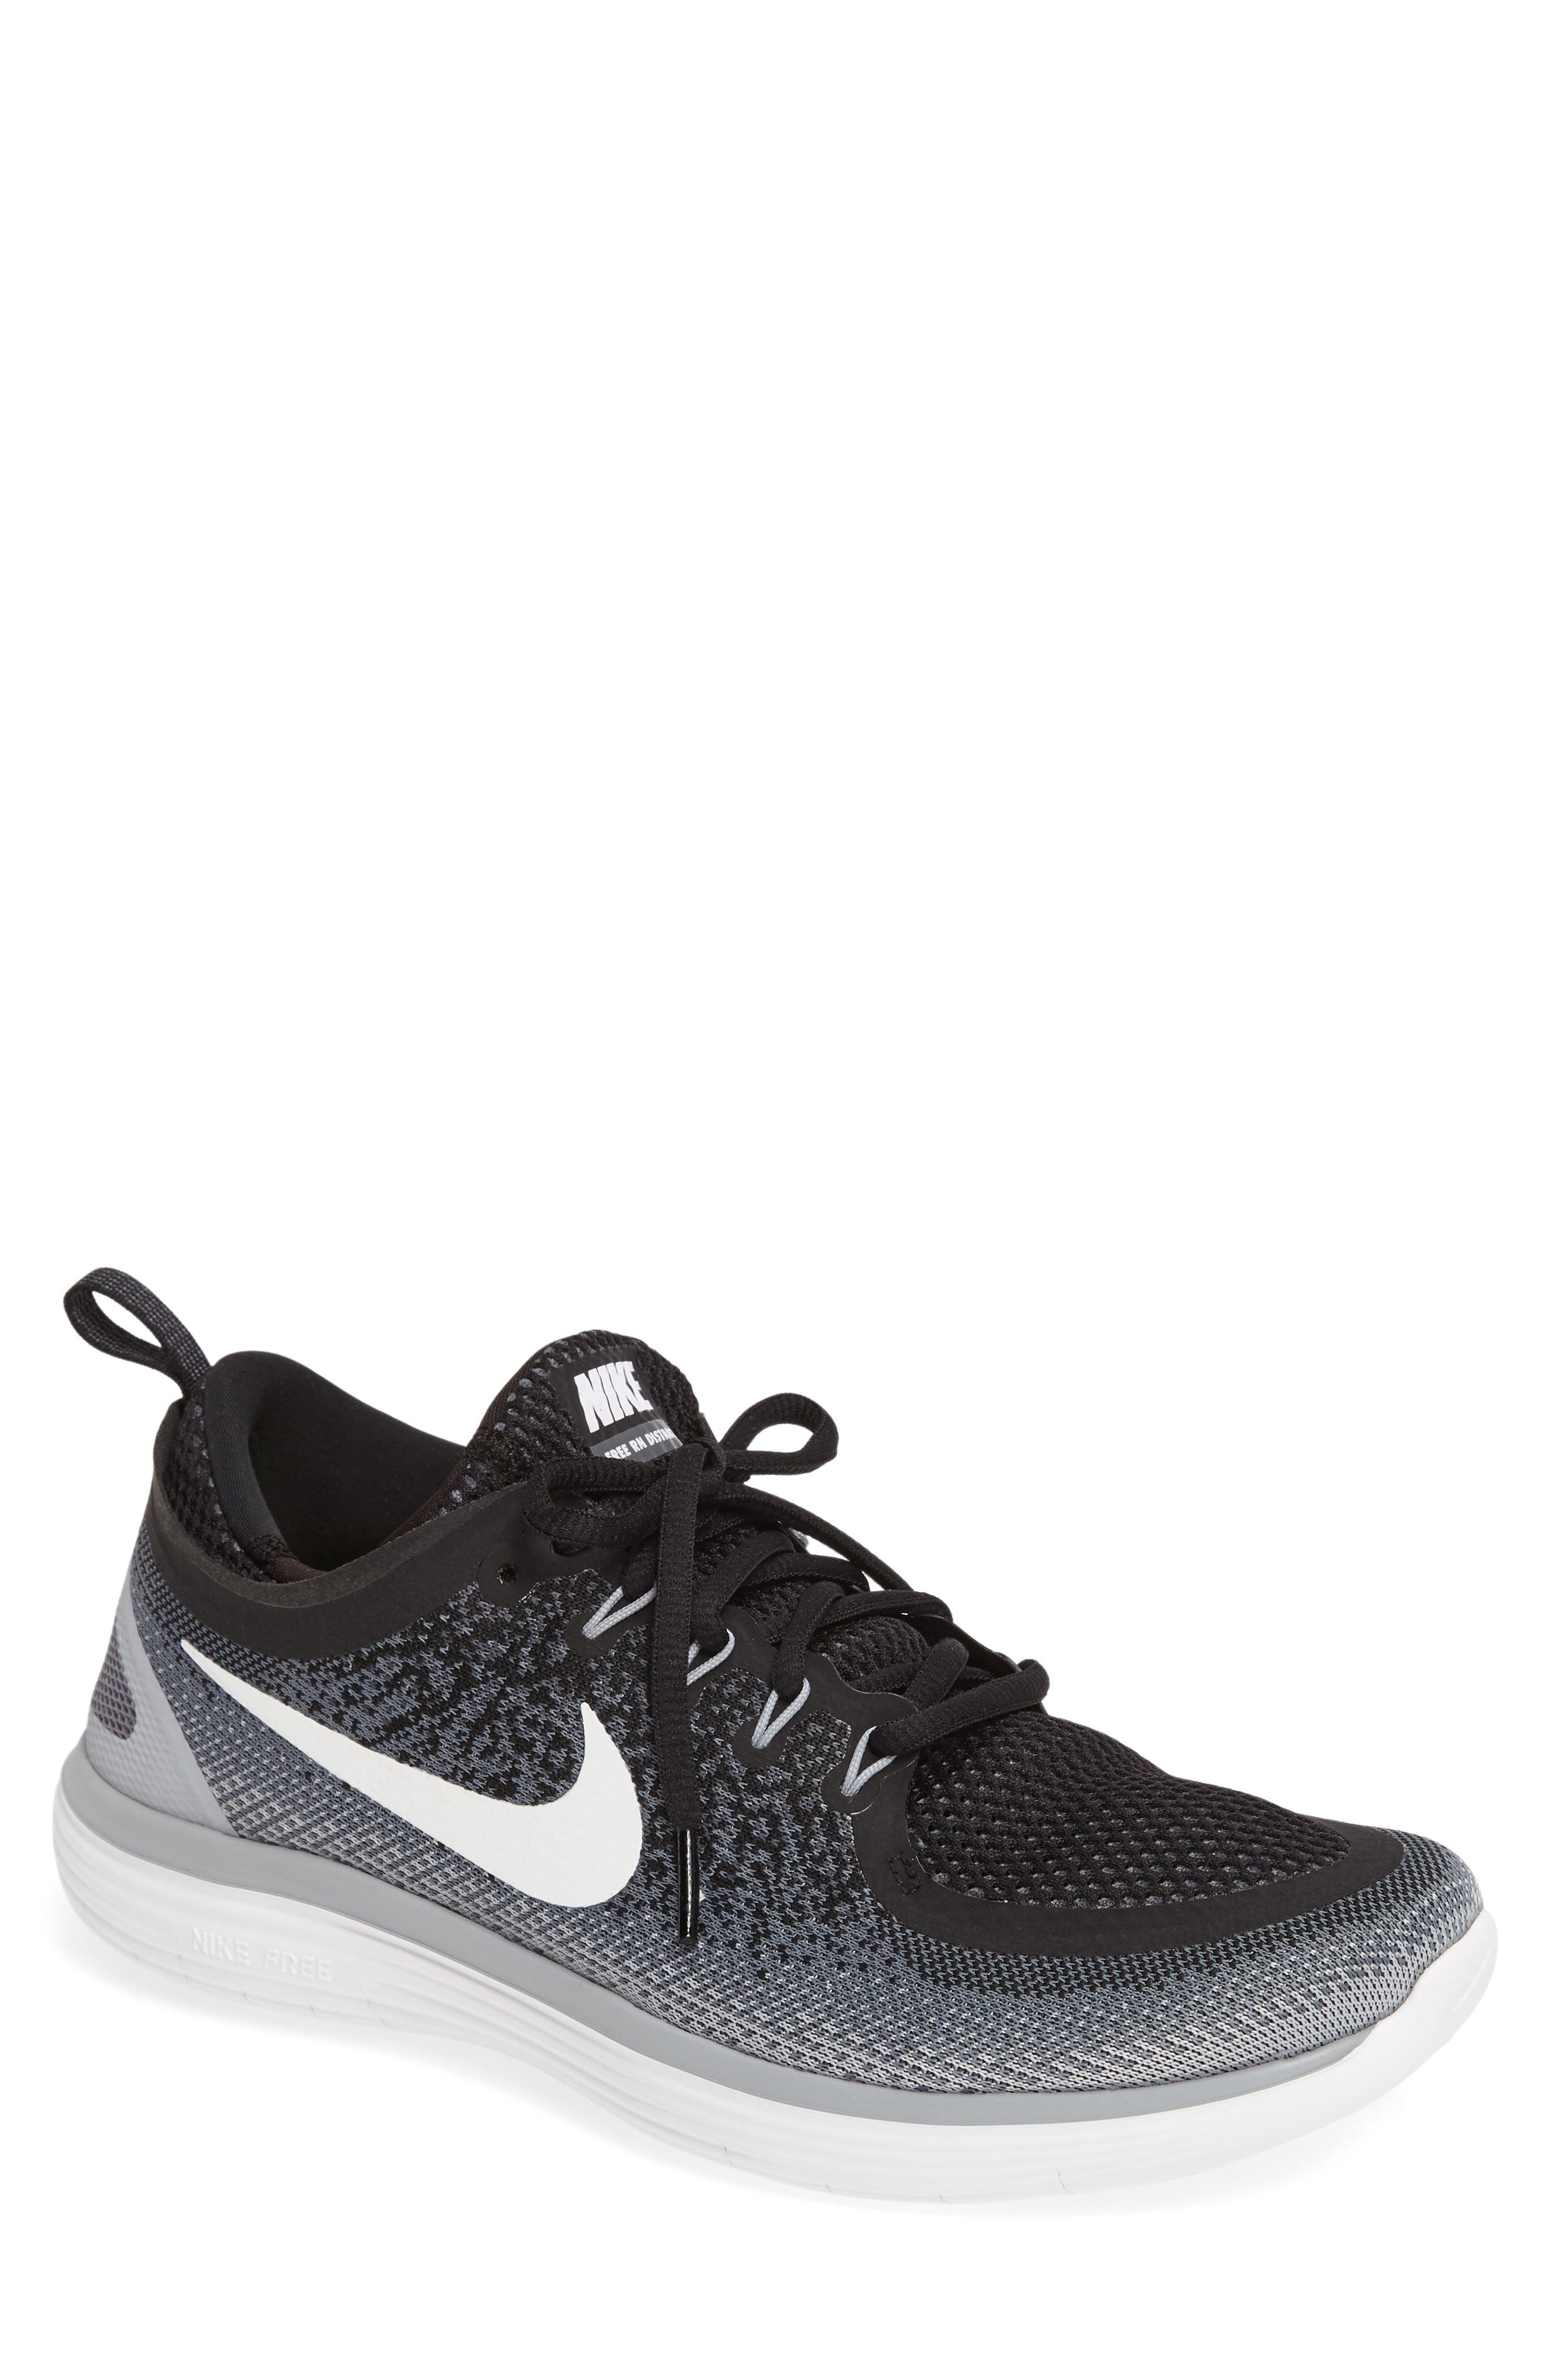 Alternate Image 1 Selected - Nike Free RN Distance 2 Running Shoe (Men)